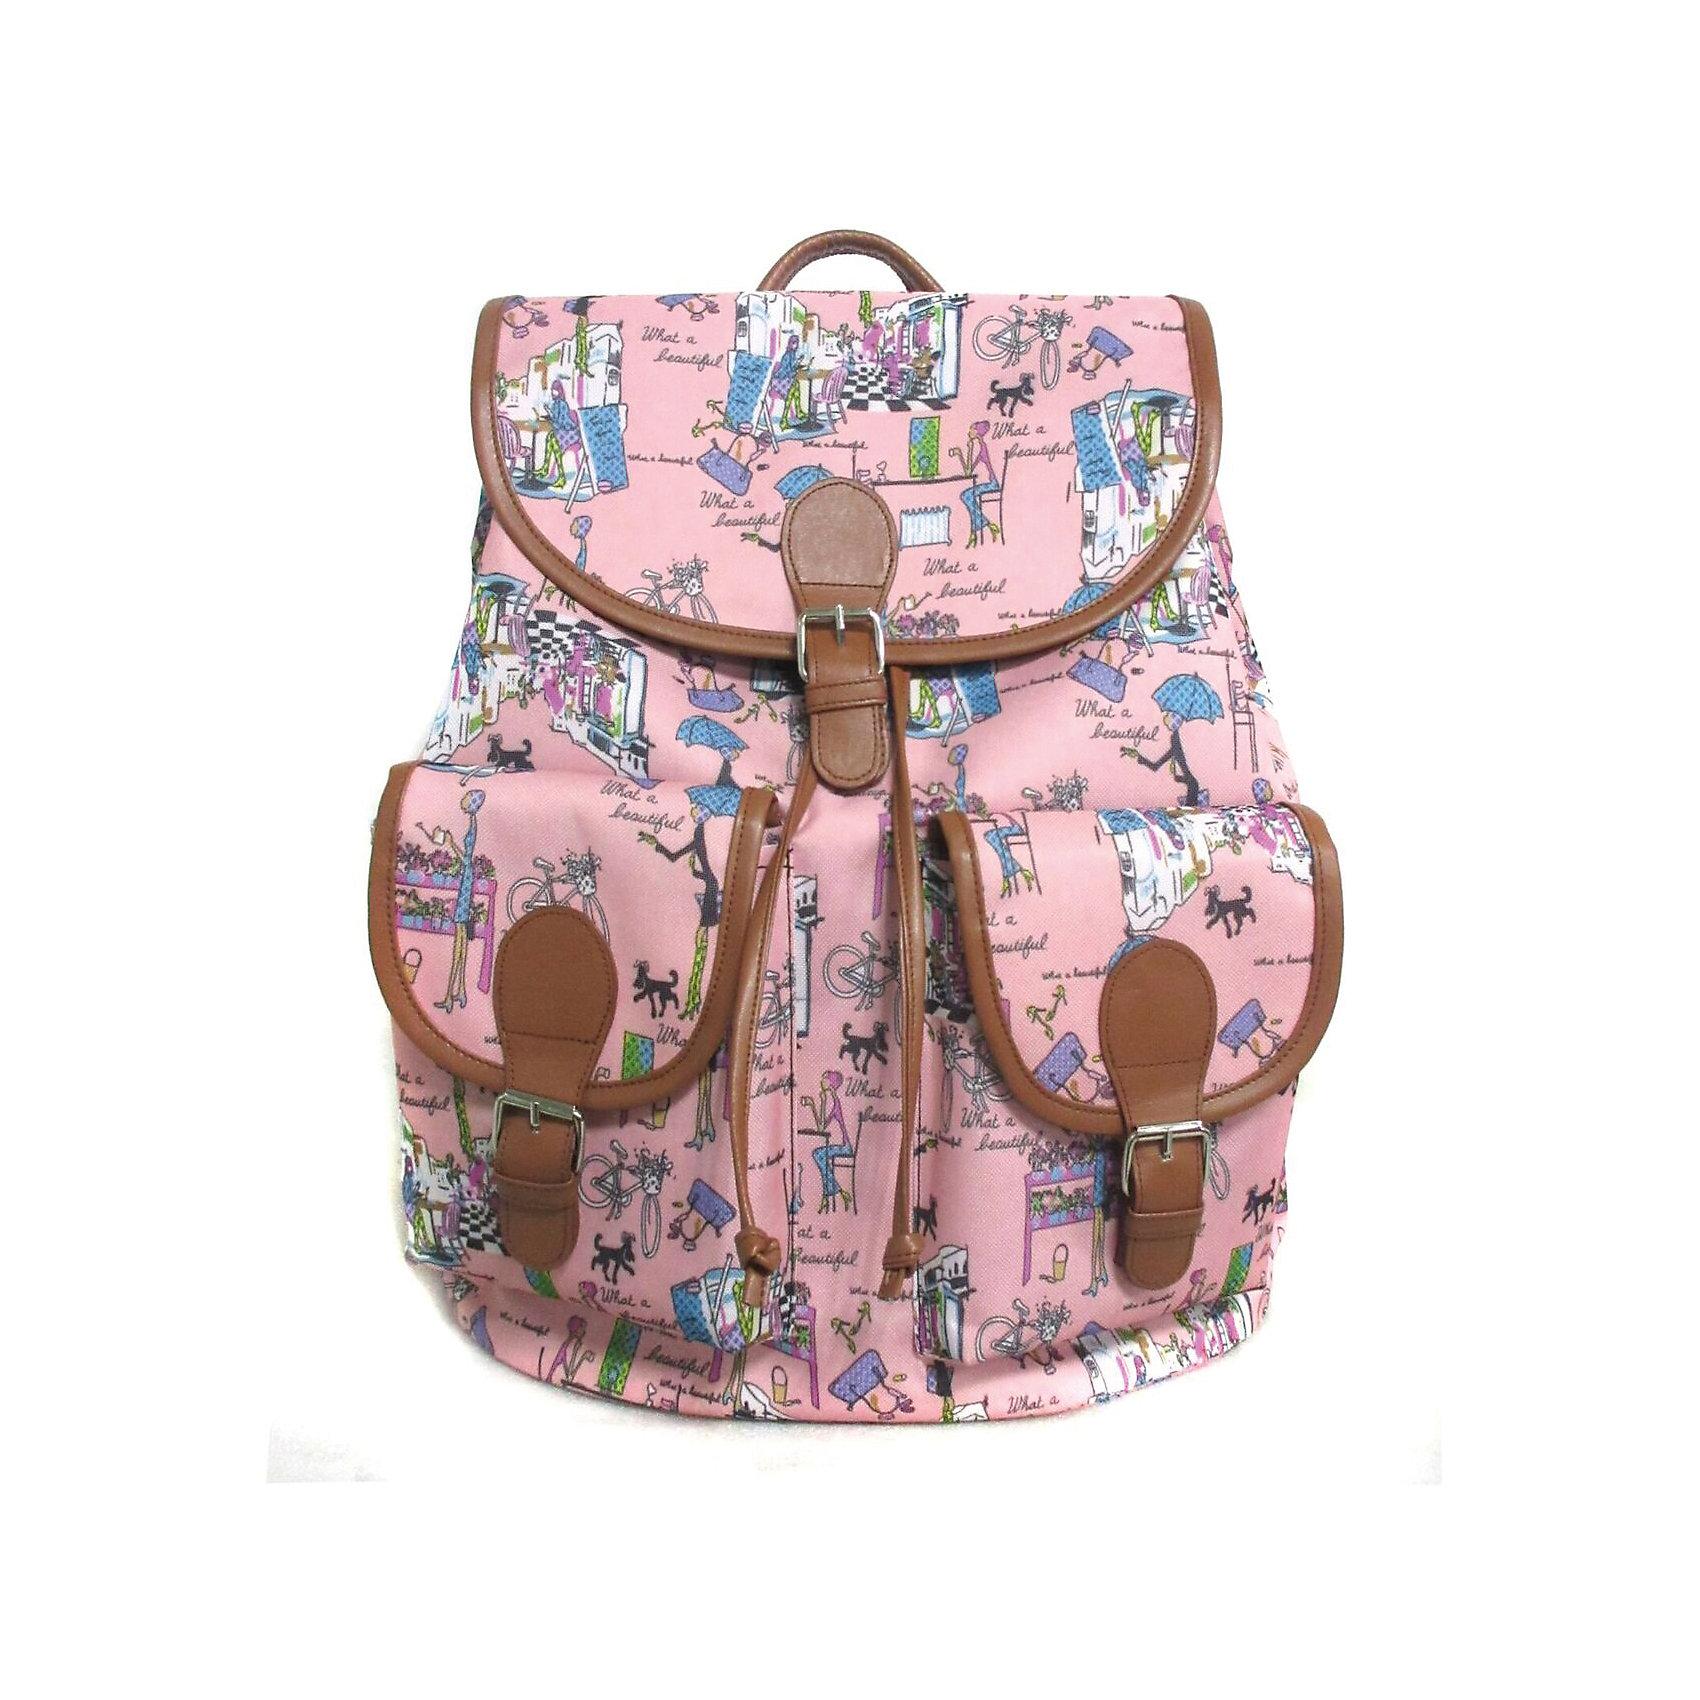 Рюкзак Модница с 2-мя карманами, цвет розовыйРюкзаки<br>Вес: 0,5 кг<br>Размер: 39х35х17 см<br>Состав: рюкзак<br>Наличие светоотражающих элементов: нет<br>Материал: полиэстер<br><br>Ширина мм: 390<br>Глубина мм: 350<br>Высота мм: 170<br>Вес г: 500<br>Возраст от месяцев: 84<br>Возраст до месяцев: 720<br>Пол: Унисекс<br>Возраст: Детский<br>SKU: 7054037